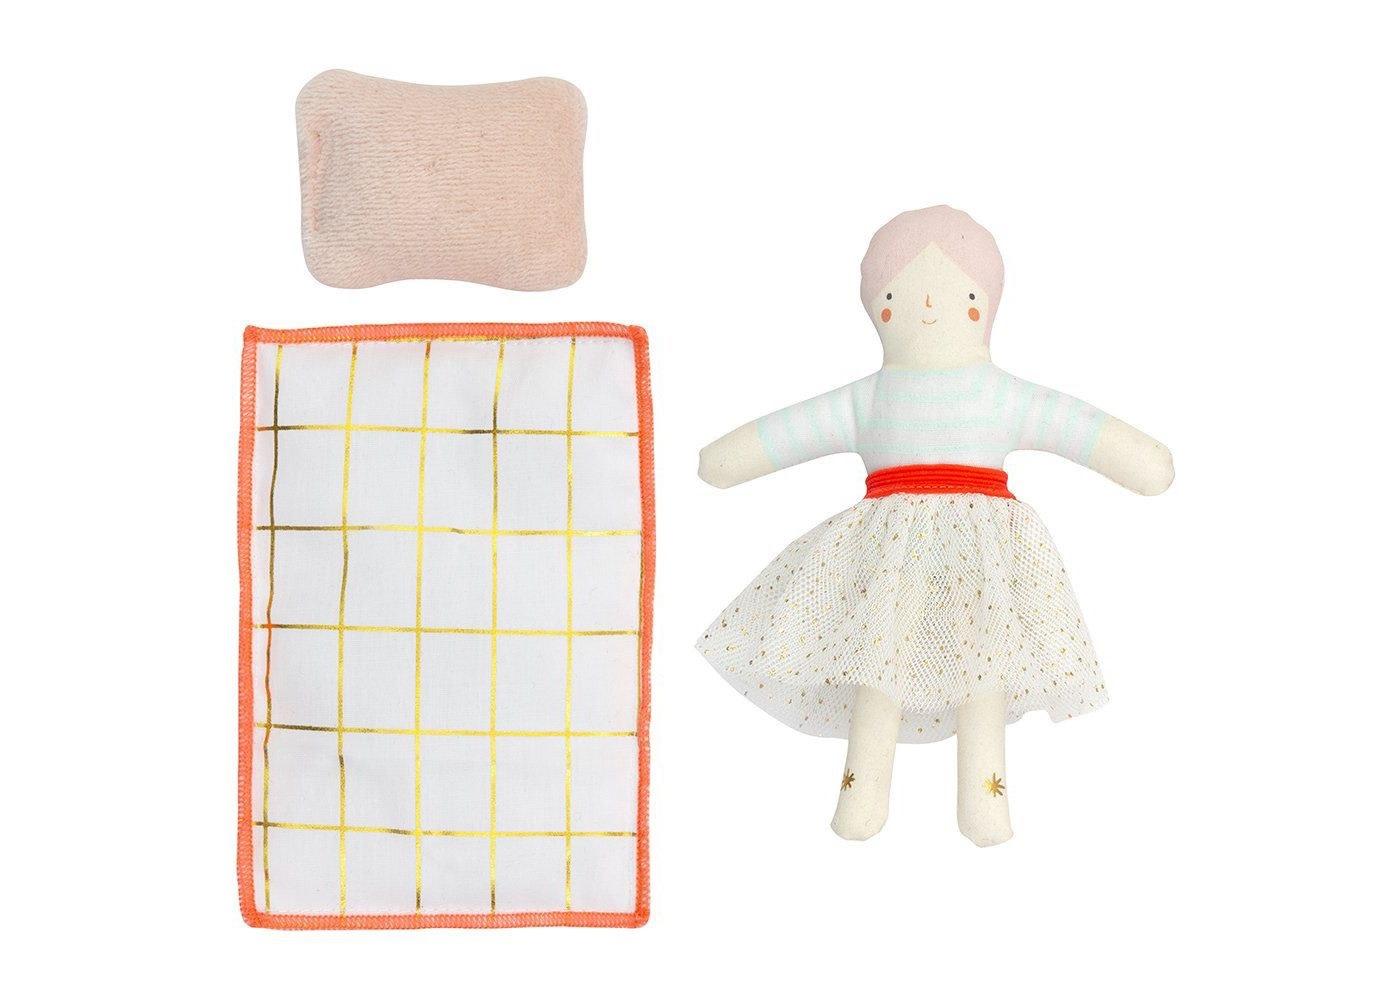 Matilda Mini Suitcase Doll